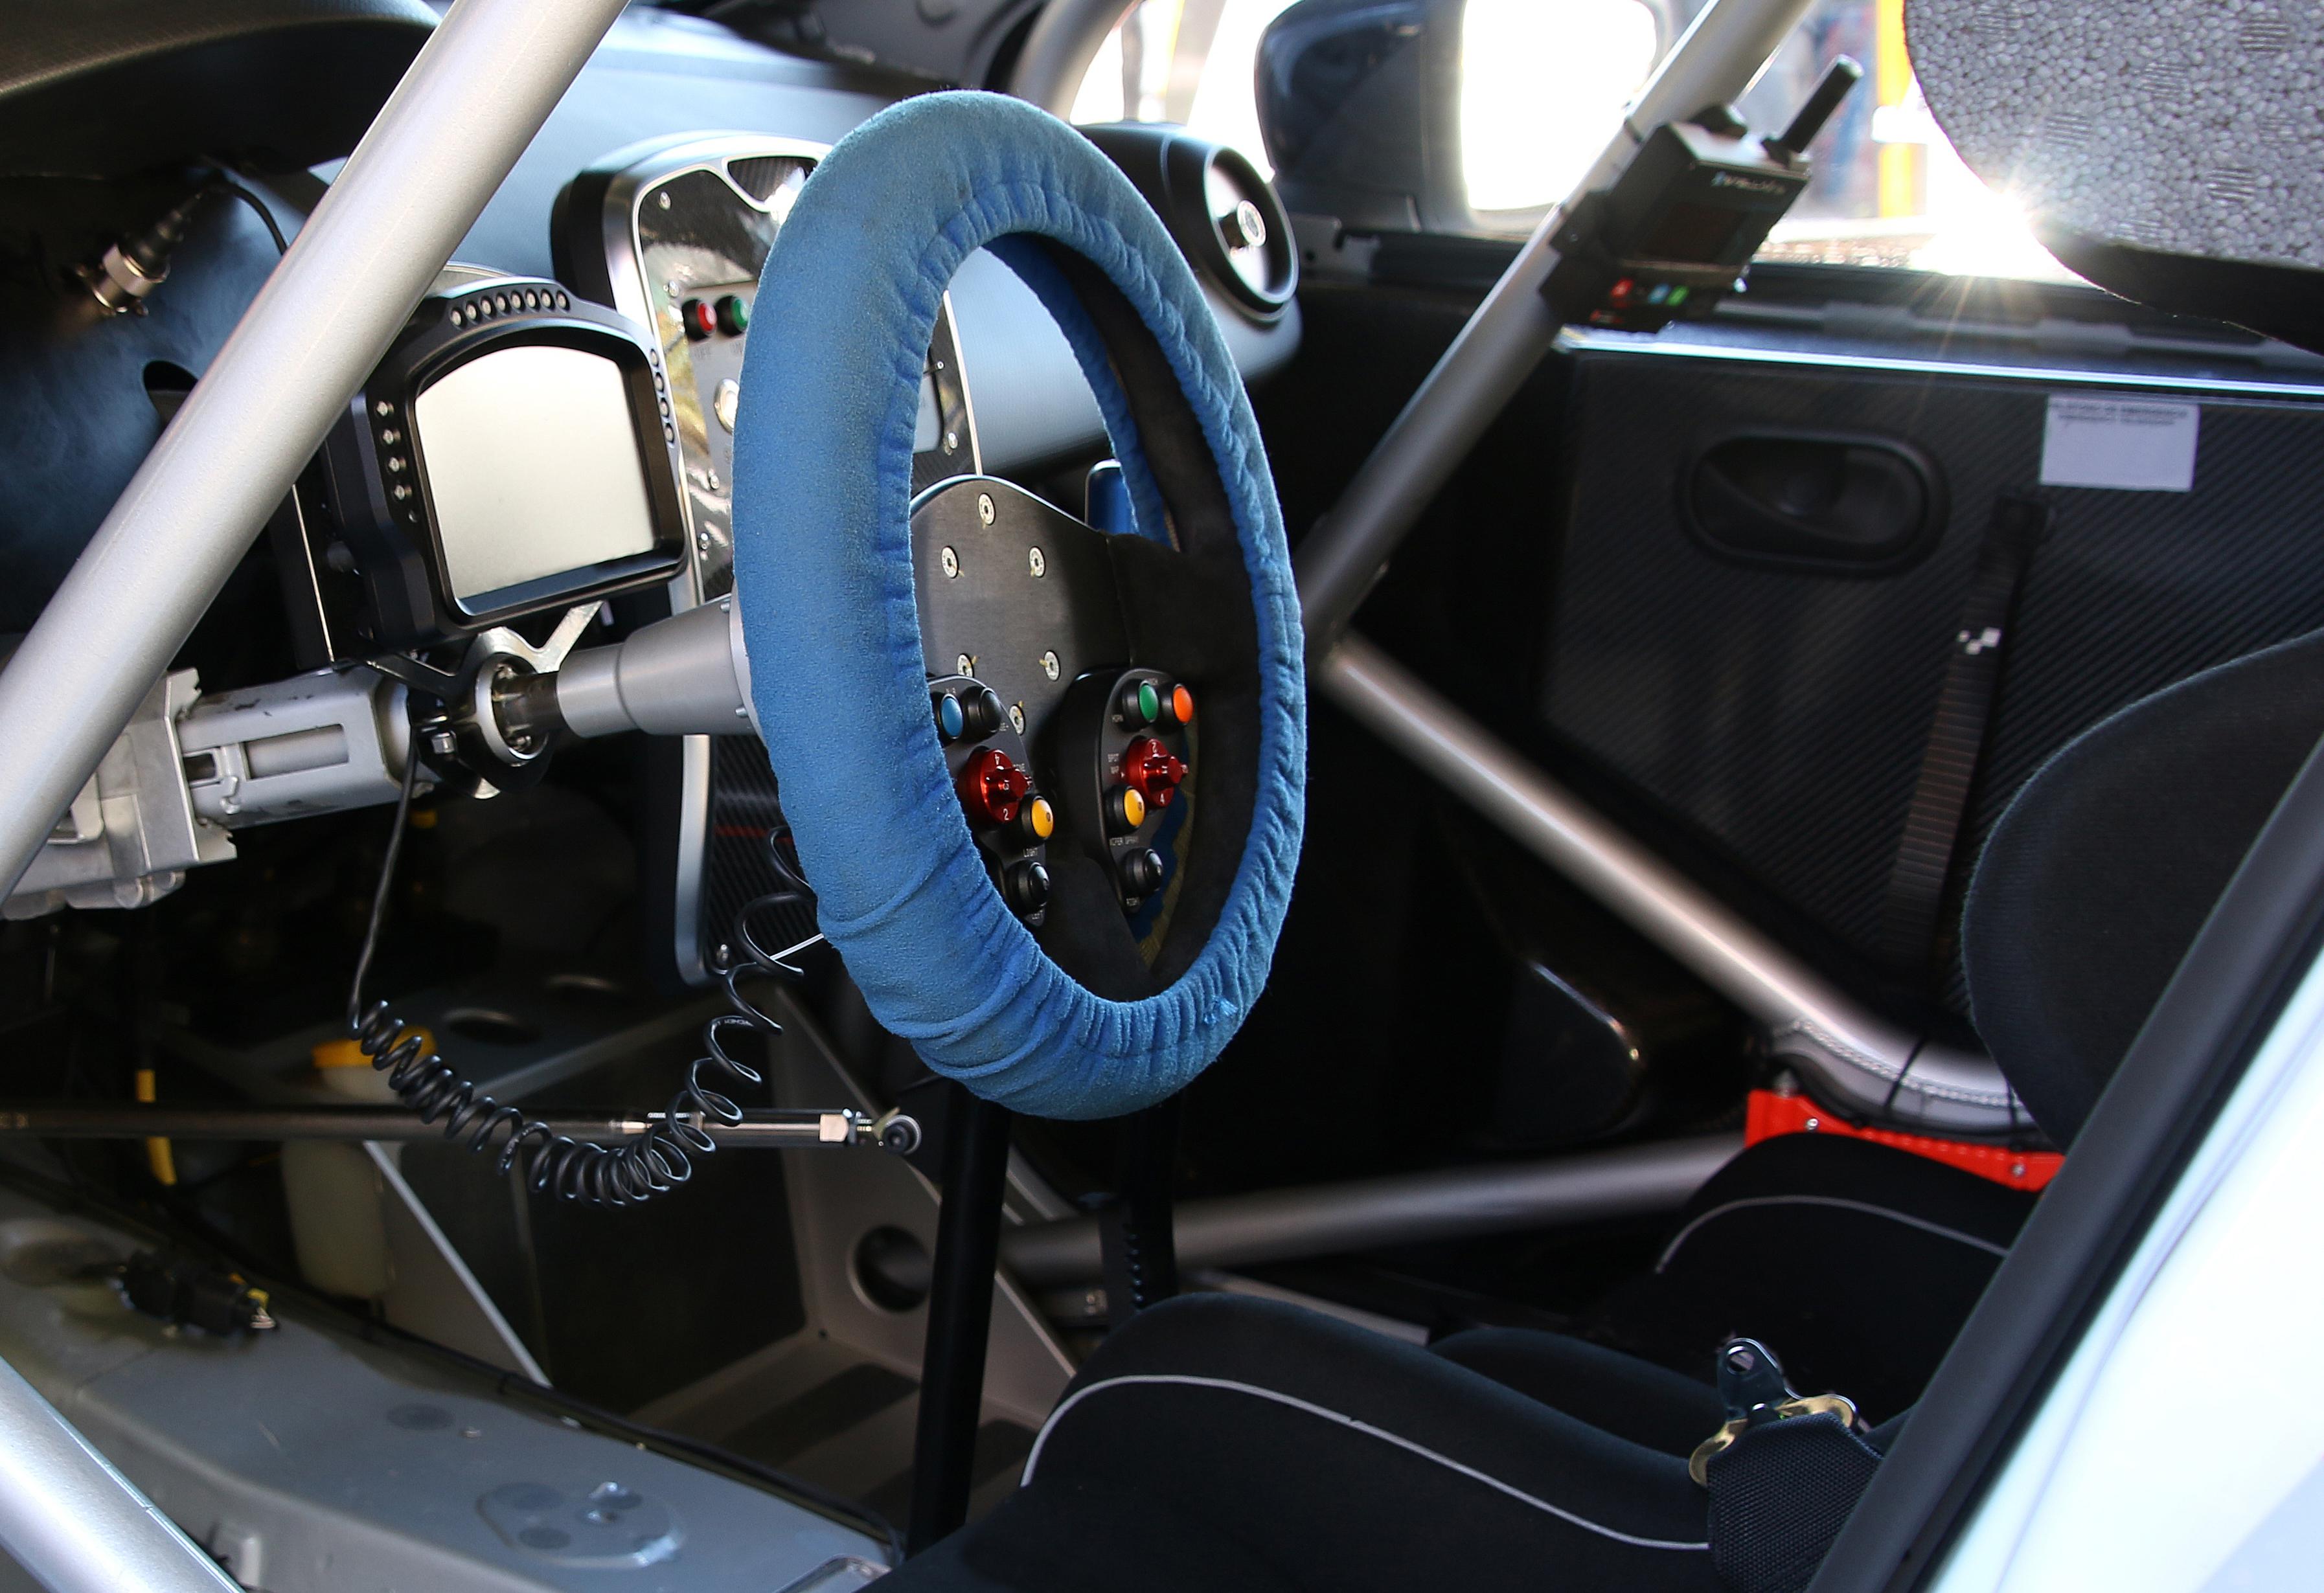 Rally-racing-car-steering-wheel